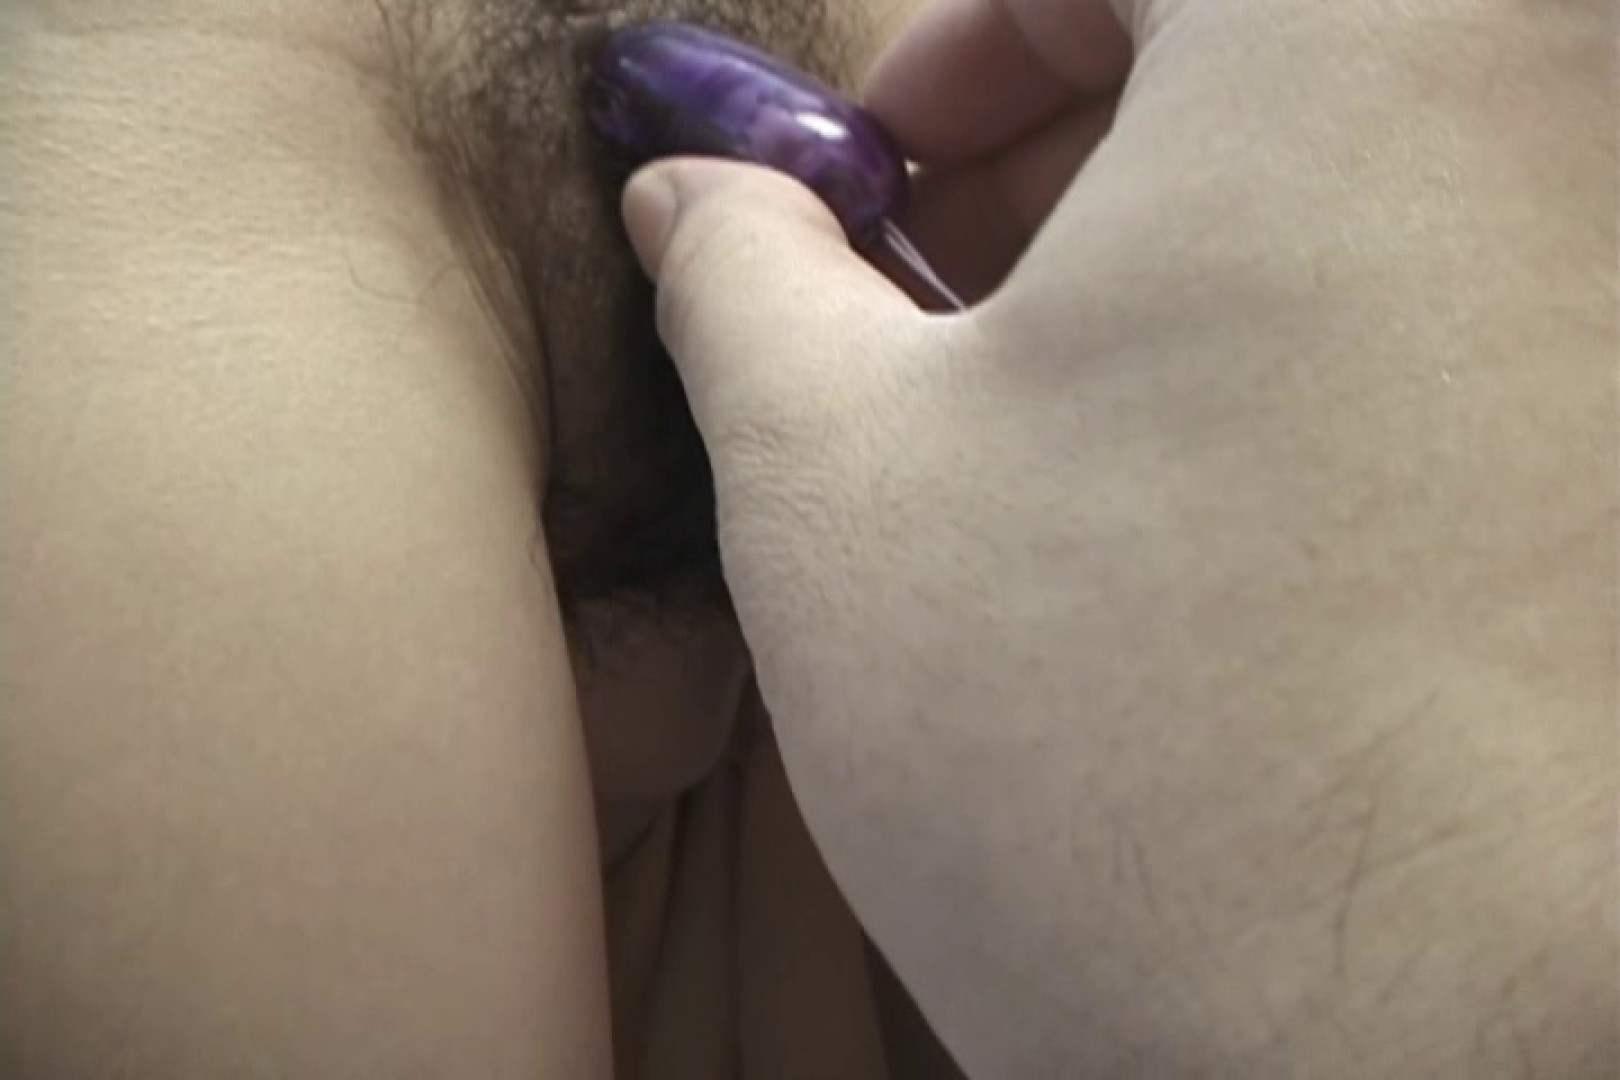 感じやすくイキやすい奥様とイキまくりSEX~小林ちな~ 人妻 セックス画像 68連発 63